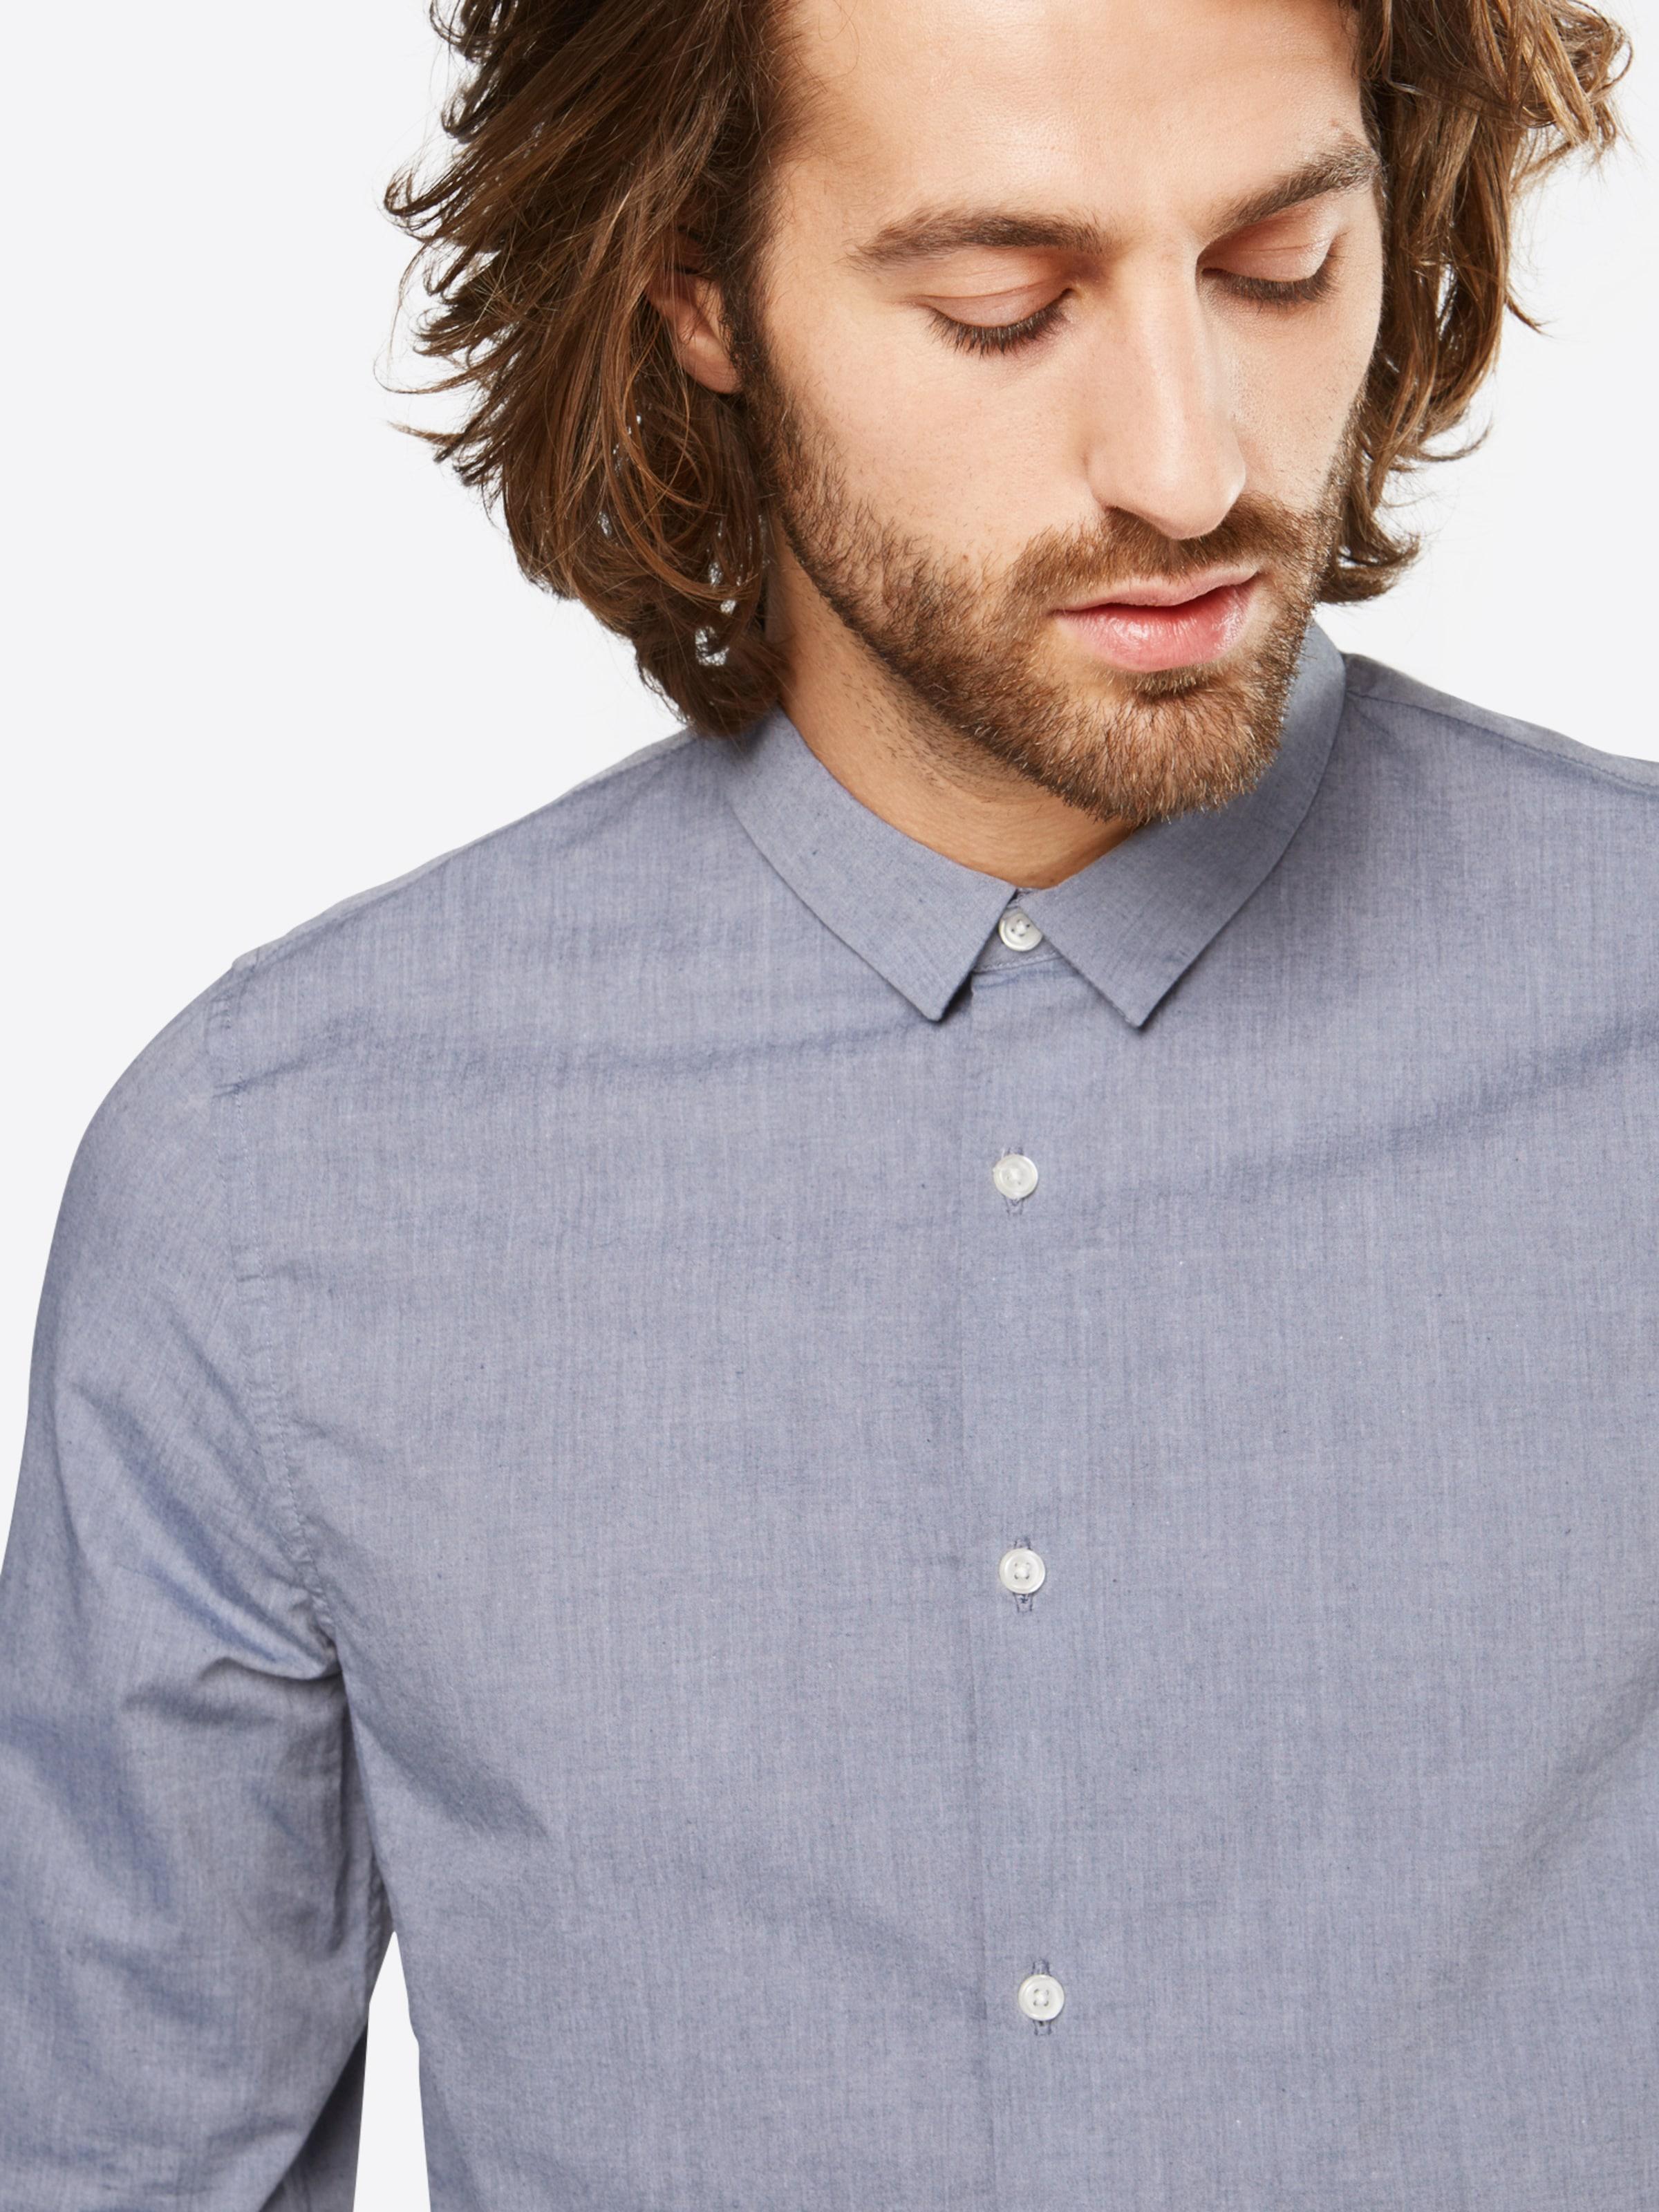 NOWADAYS Hemd 'melange poplin shirt' Wirklich Zum Verkauf Billig Verkauf Breite Palette Von p2YwCx